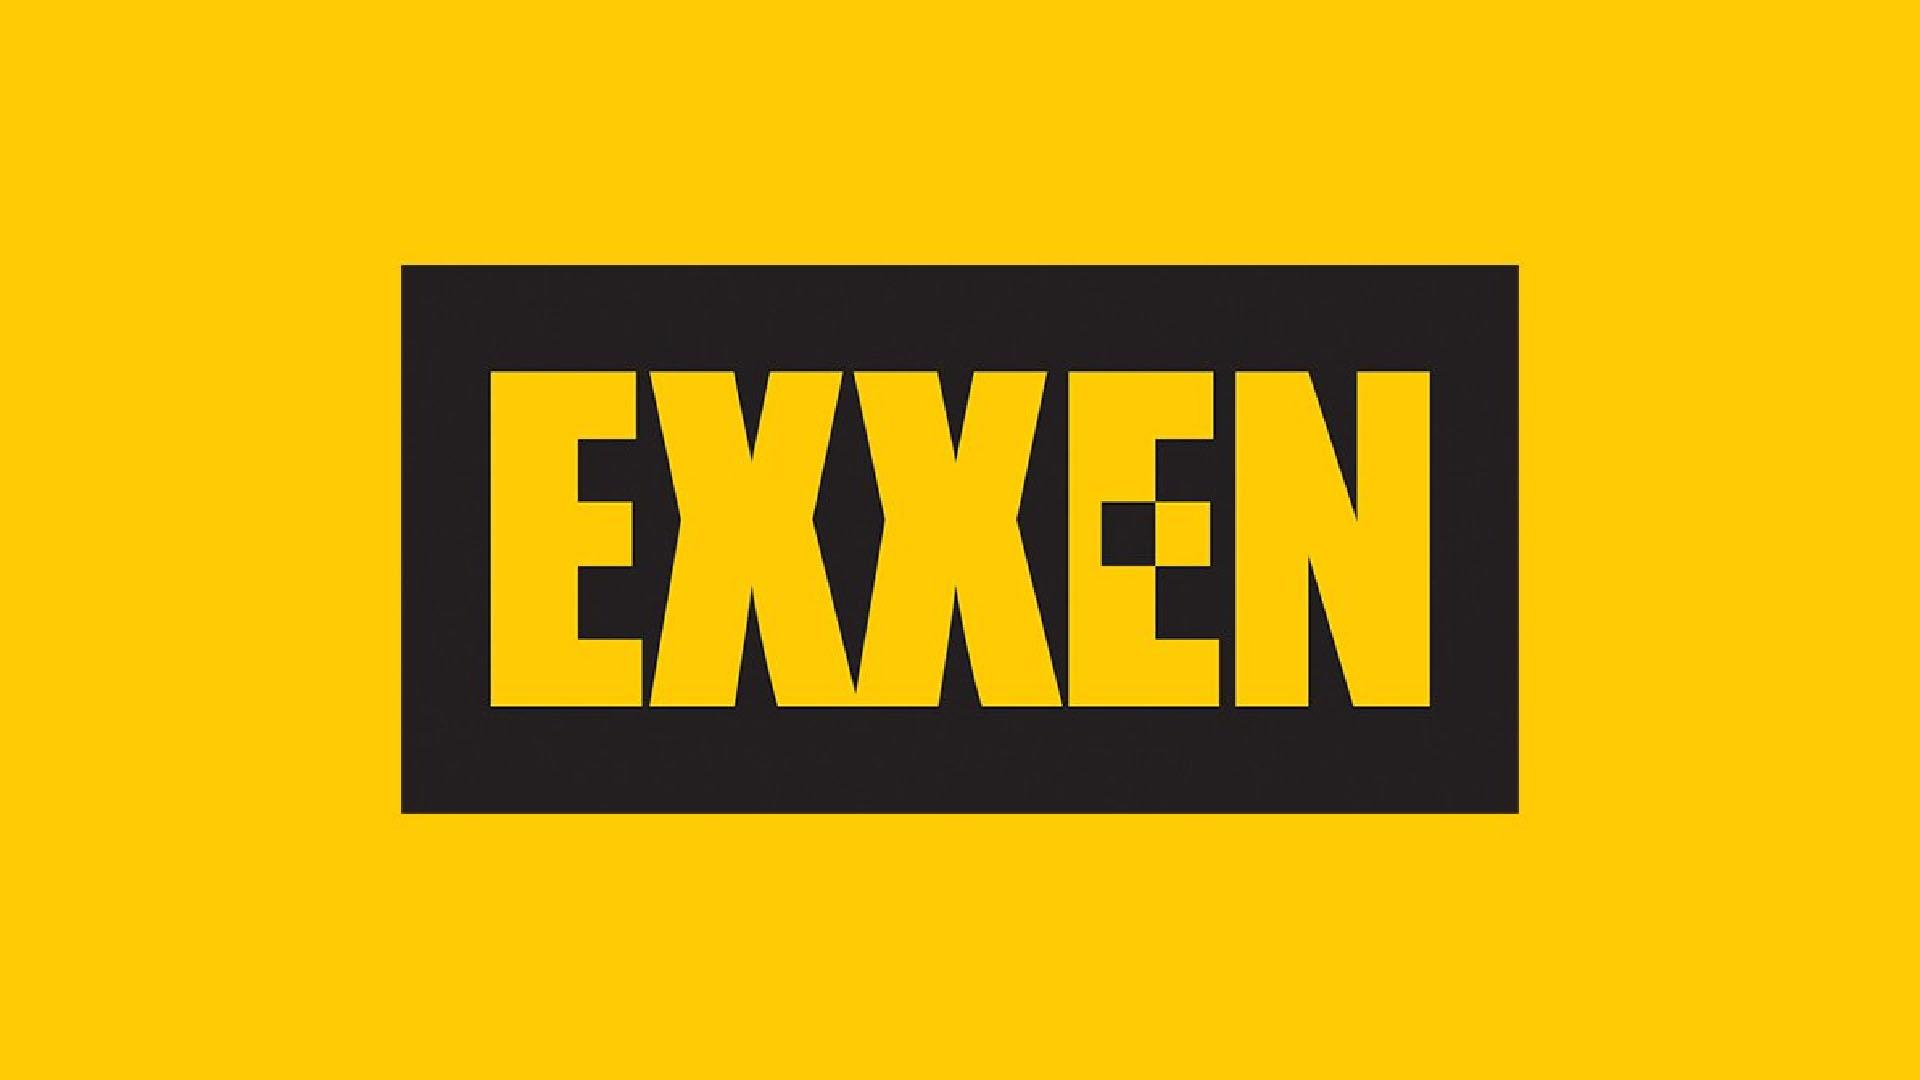 Exxen Şampiyonlar Ligi Açılmıyor Sorunu ve Çözümü -2